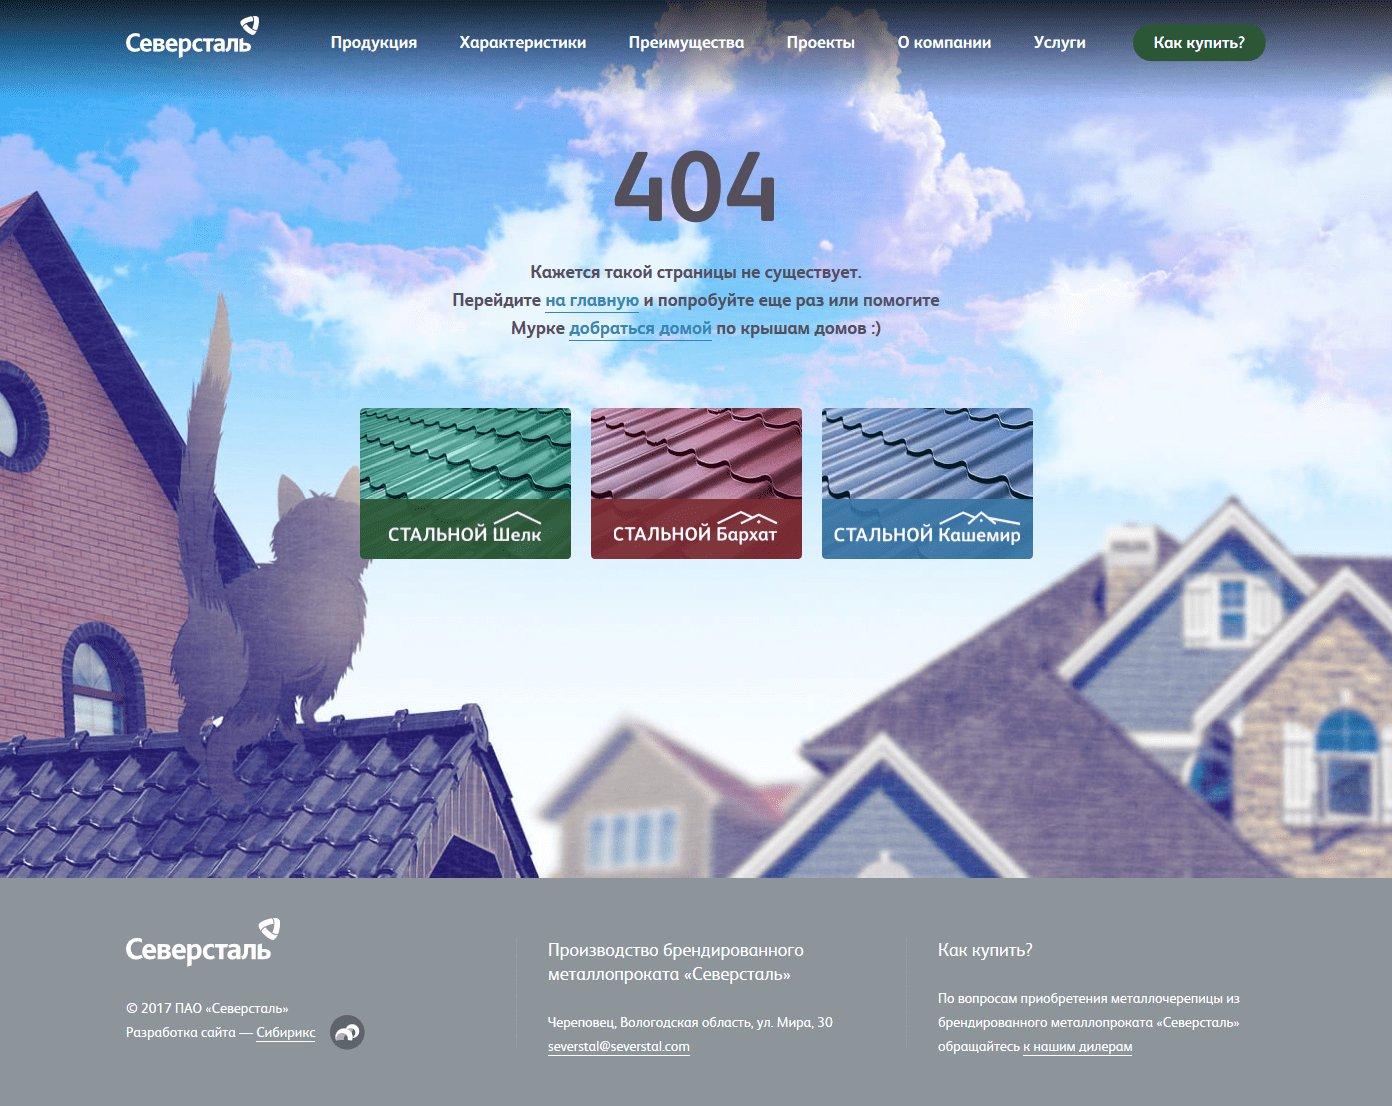 <p><b>Страница 404</b></p><p>На&nbsp;<nobr>404-й</nobr> странице пользователя ждёт небольшой квест&nbsp;&mdash; мы&nbsp;предложили ему проводить кошечку по&nbsp;крышам до&nbsp;дома :)</p>